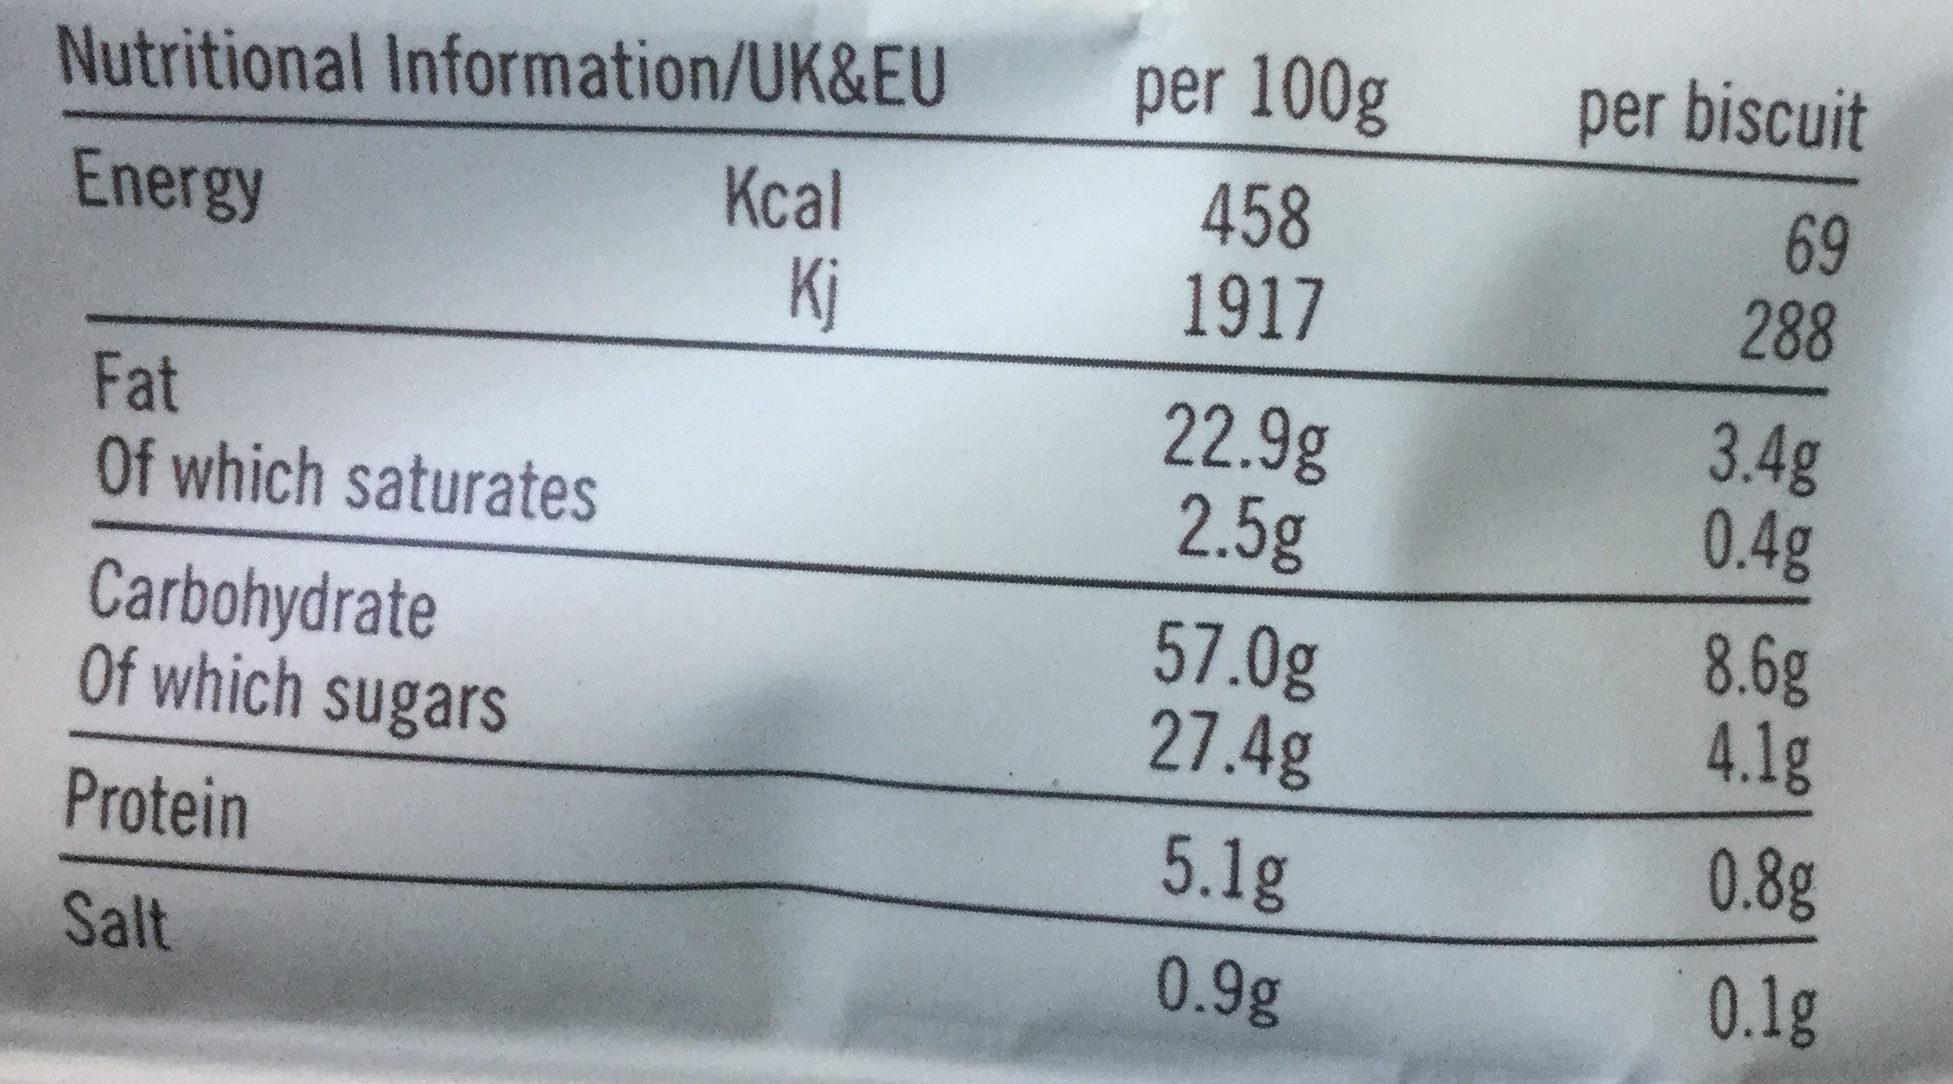 Golden oat crumbles - Nutrition facts - en